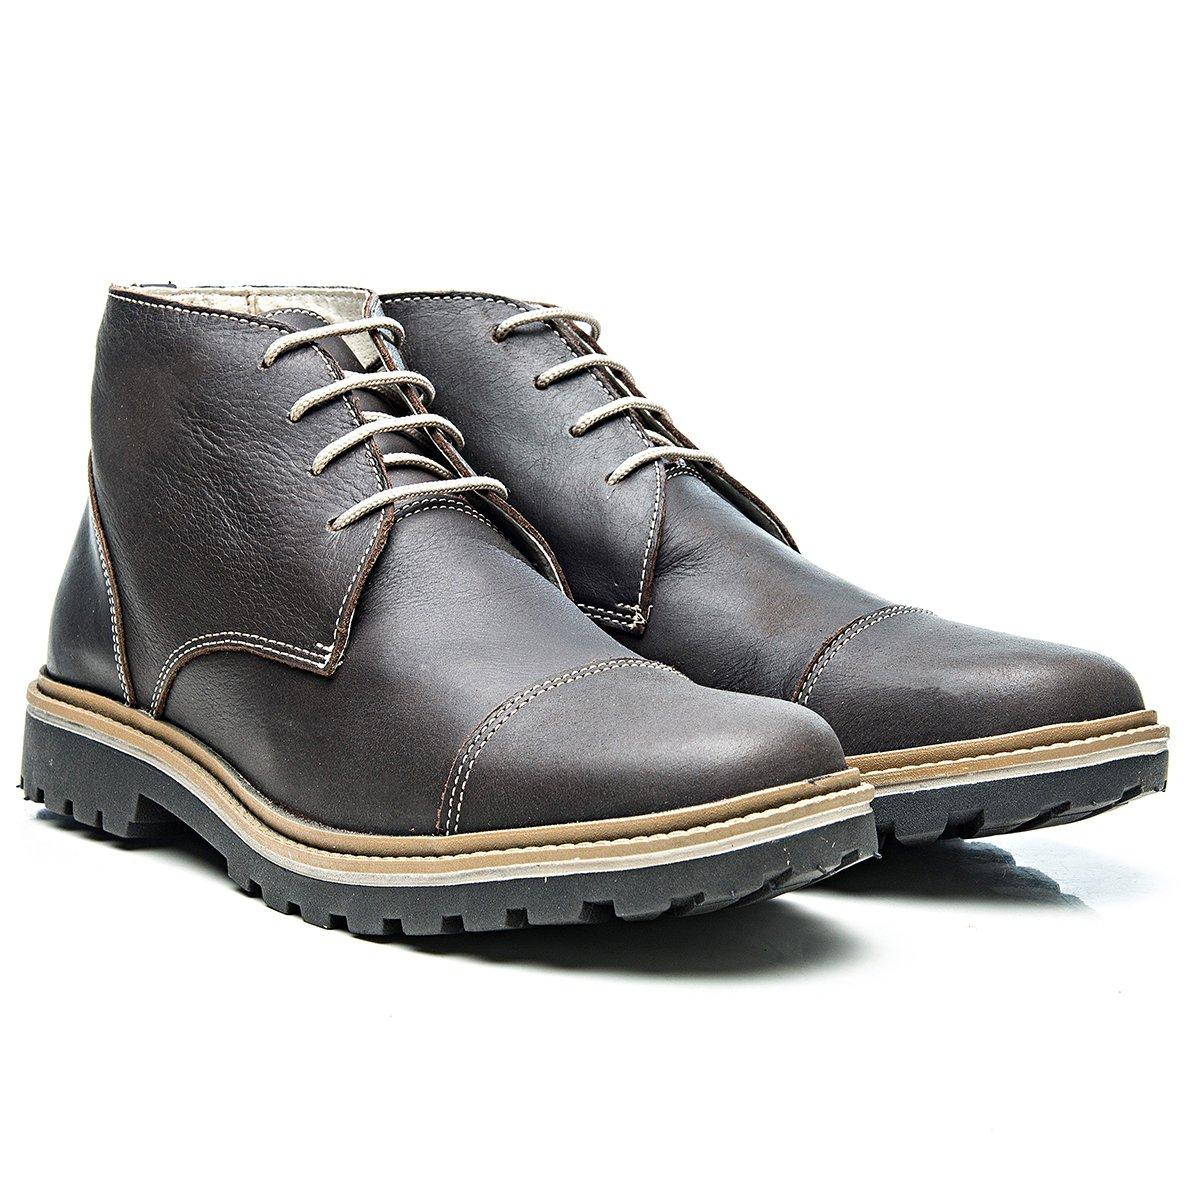 1964370b3d8e9 Bota Montreal Couro Floater Cadarço Arauak Boots - Compre Agora ...